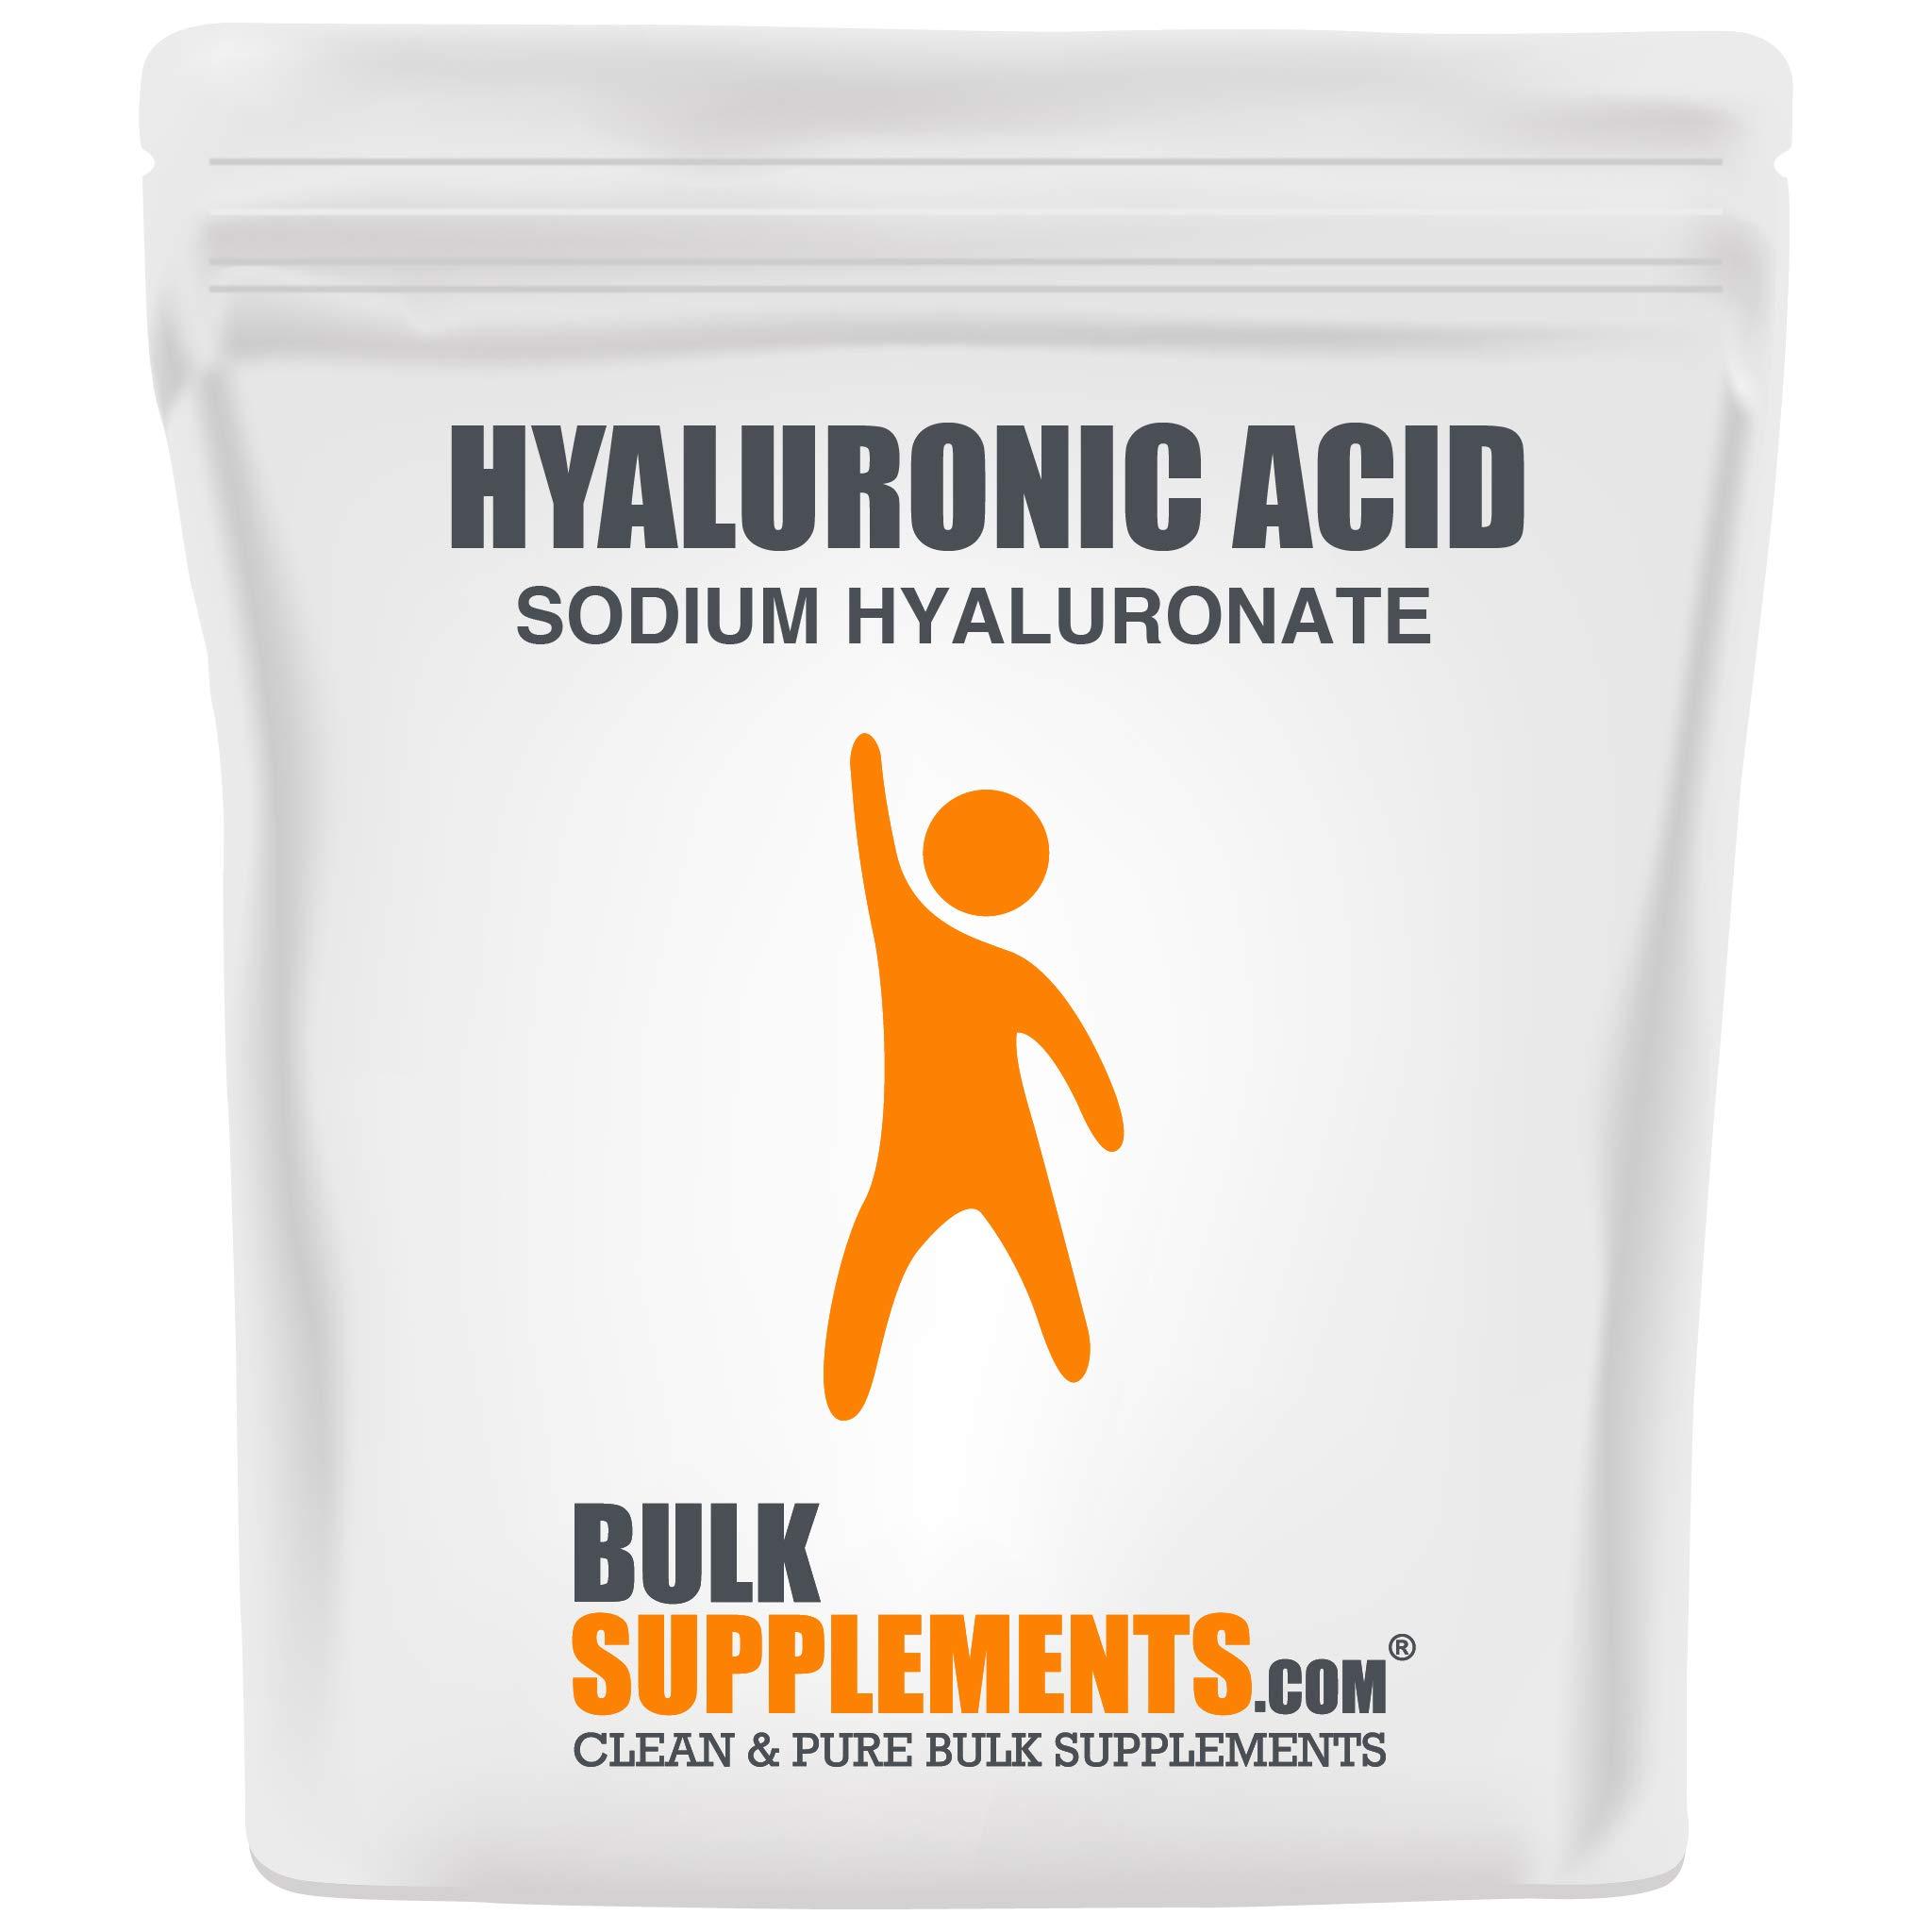 BulkSupplements.com Hyaluronic Acid